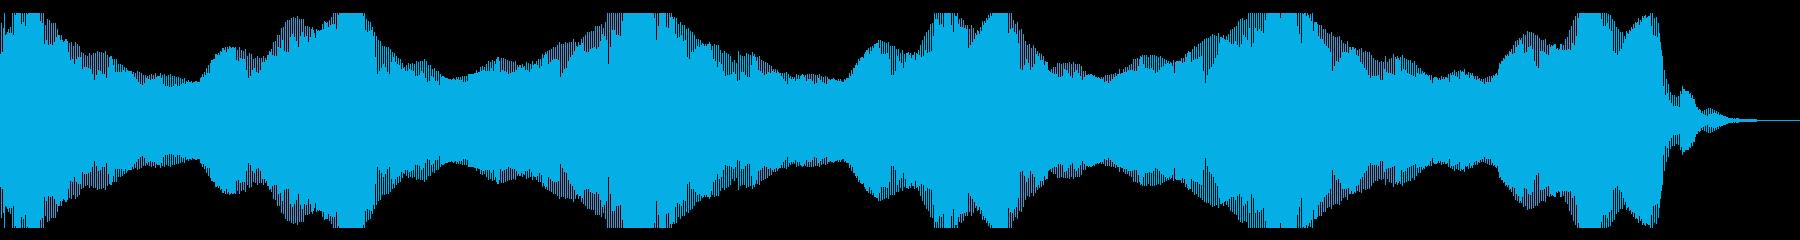 ヘビースペースベースシンセドローンの再生済みの波形